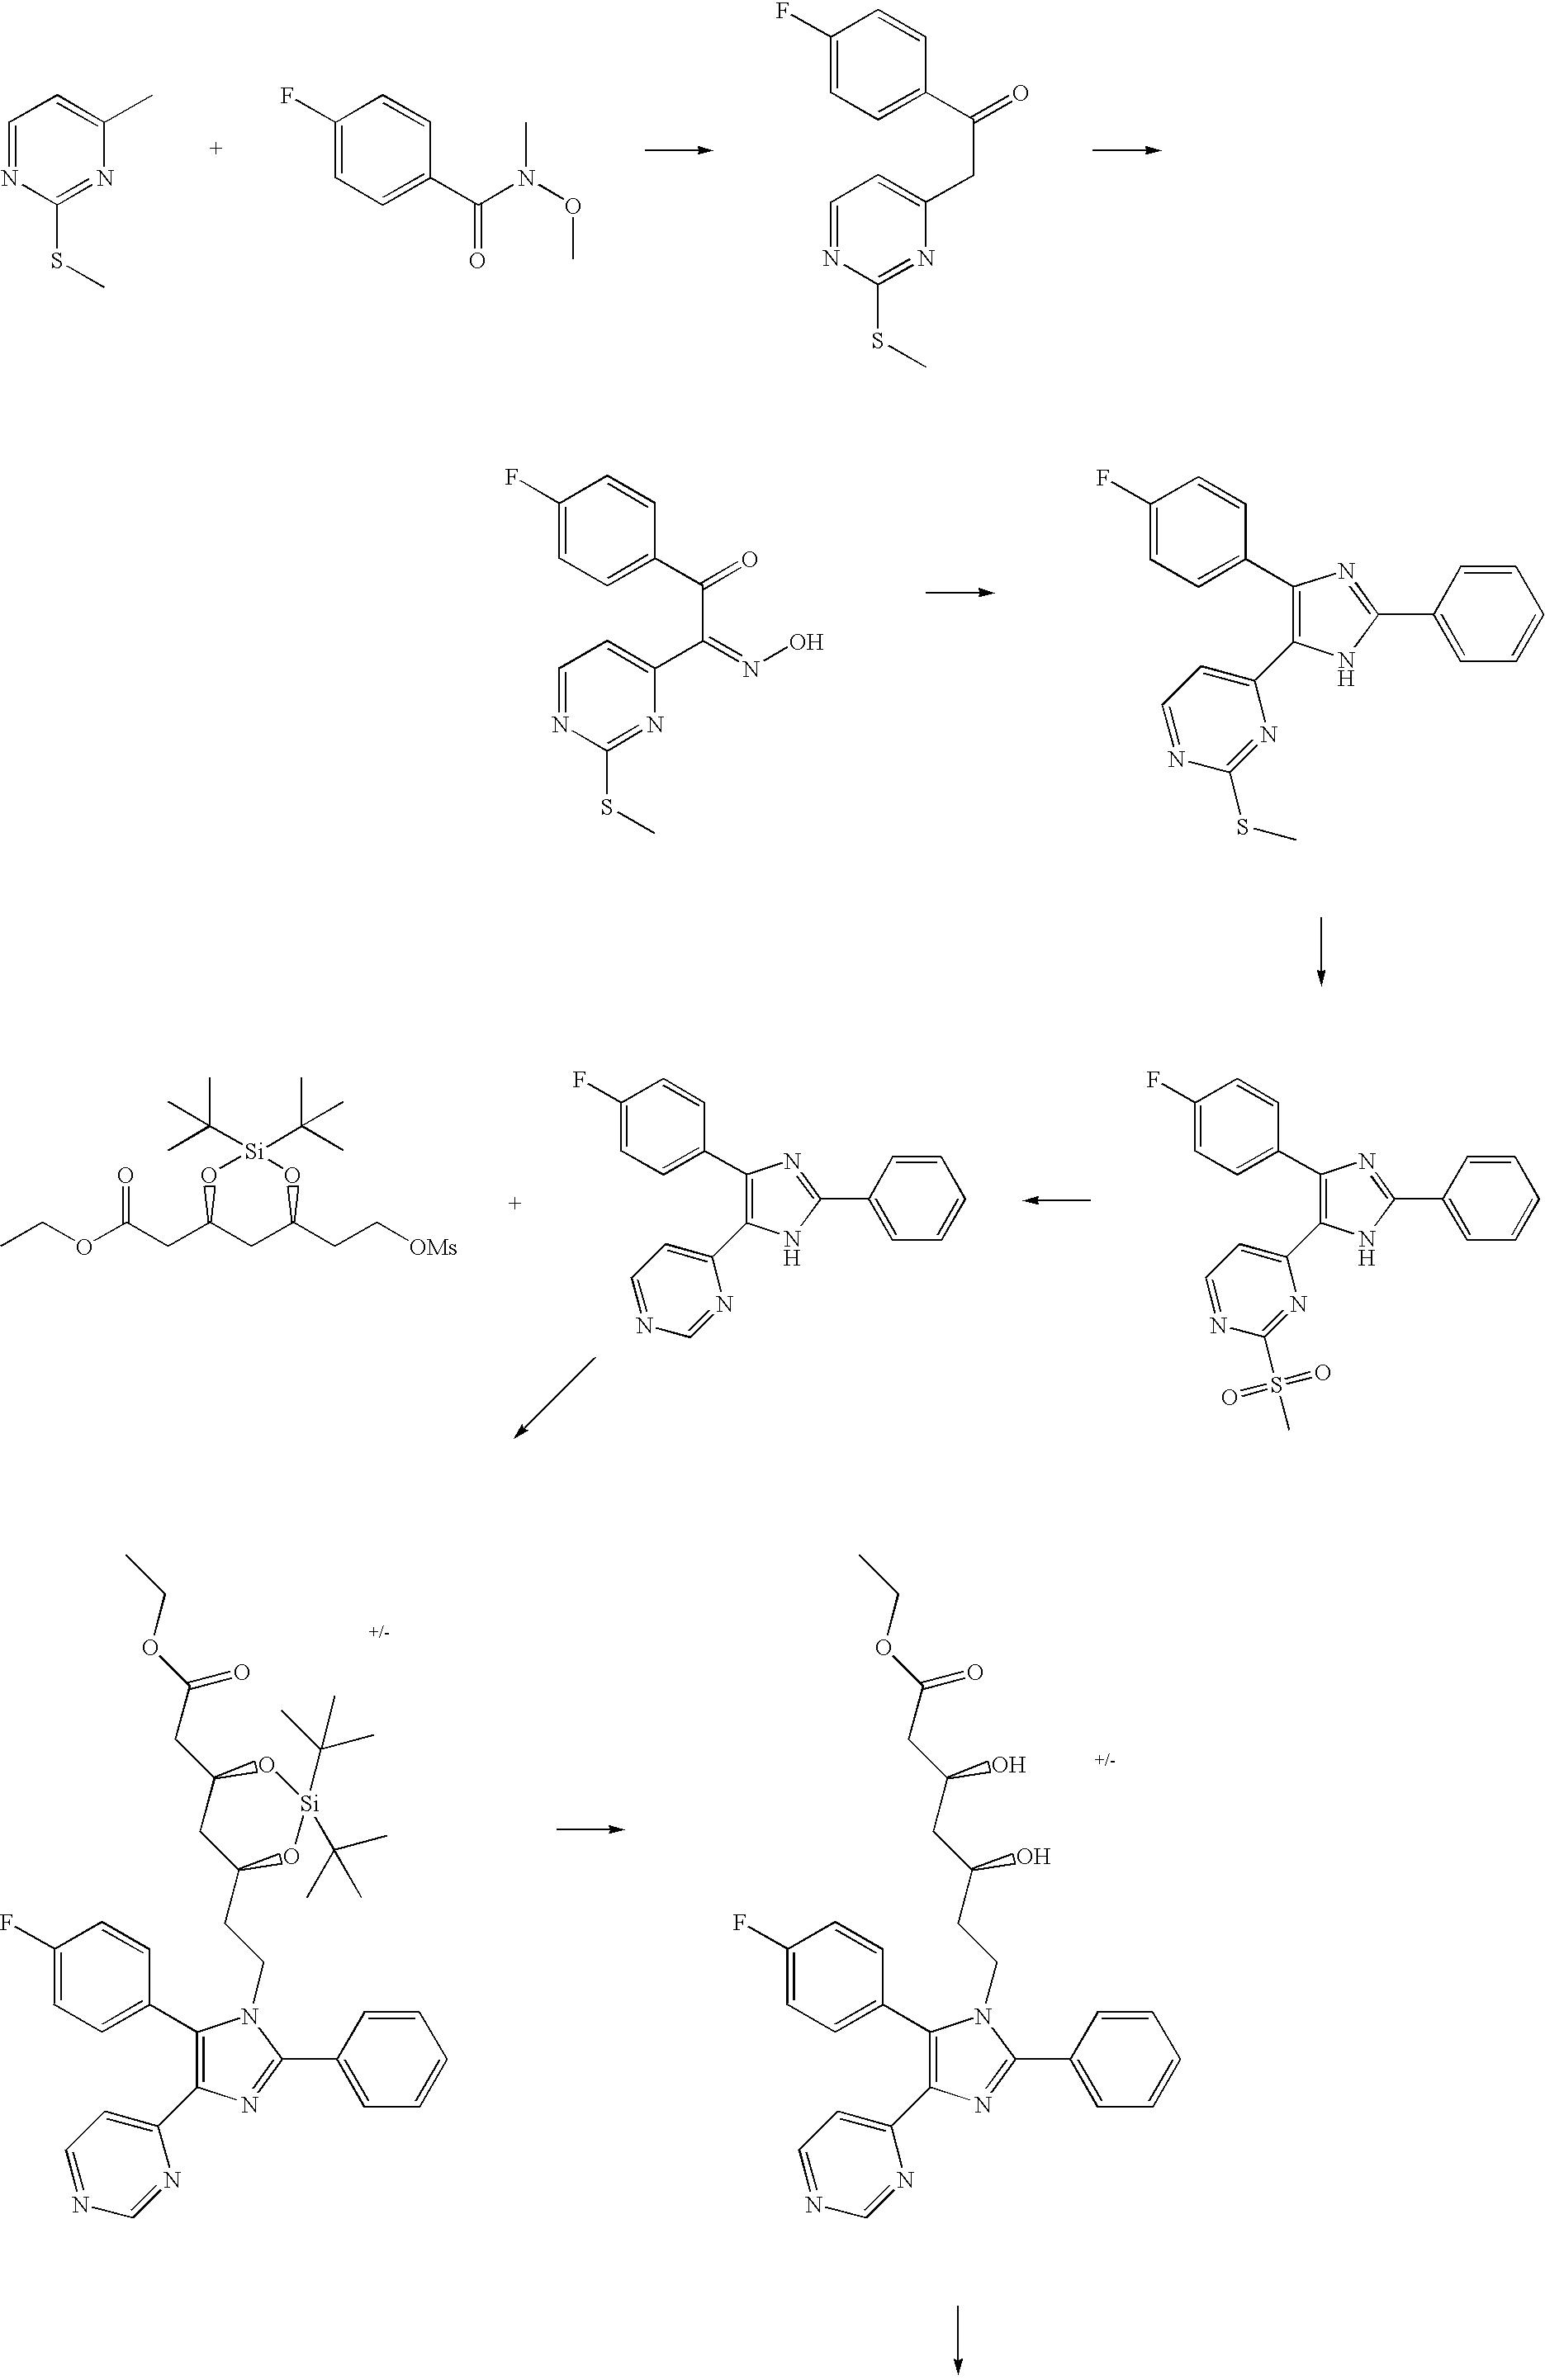 Figure US07183285-20070227-C00200